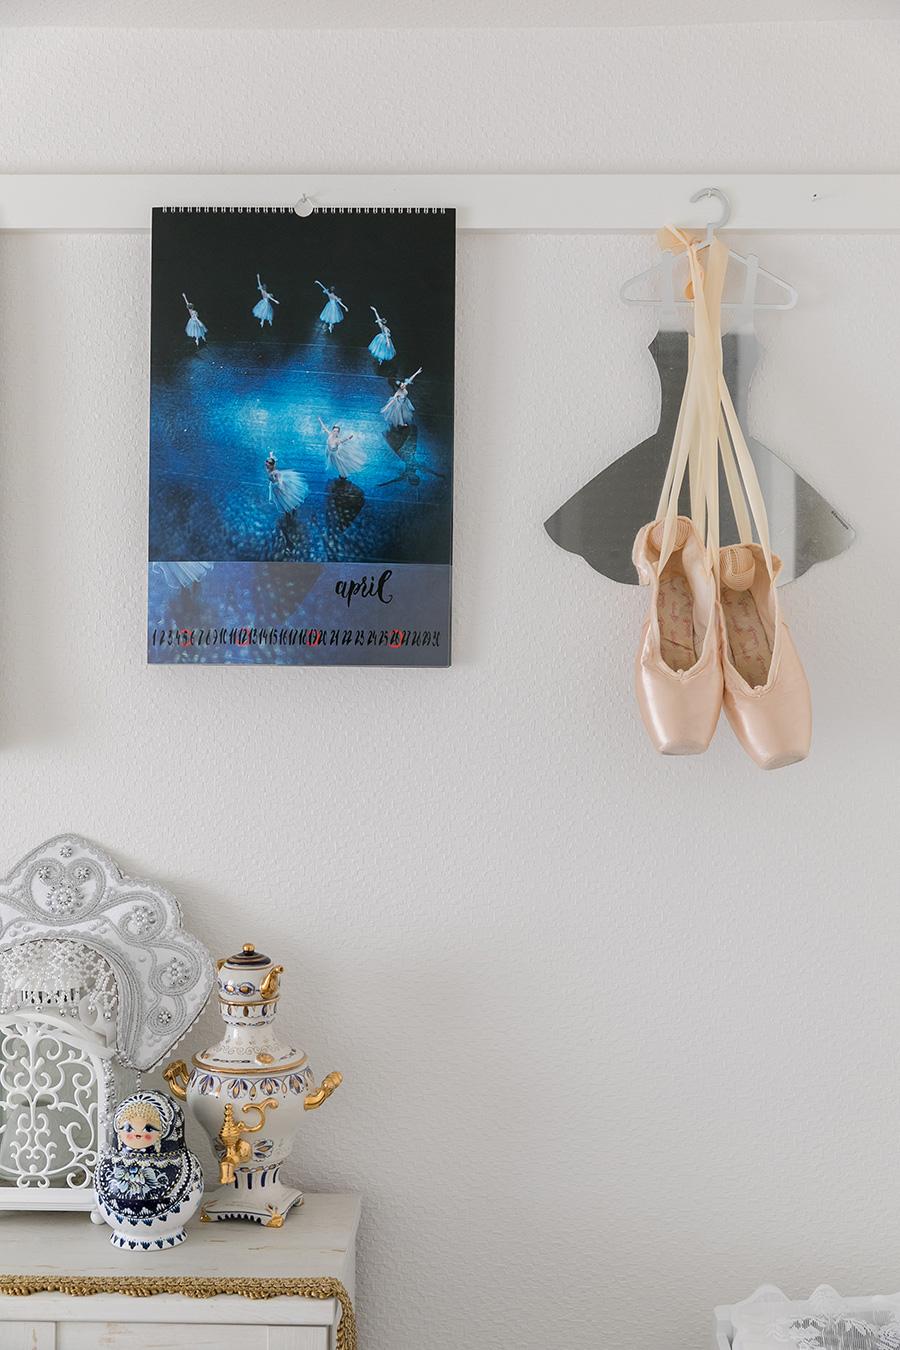 バレエ写真家マーク オリッチのカレンダーの横にあるのはパリオペラ座劇場で購入したチュチュ型ミラーと上原さんが現役最後の舞台で使ったシューズ。